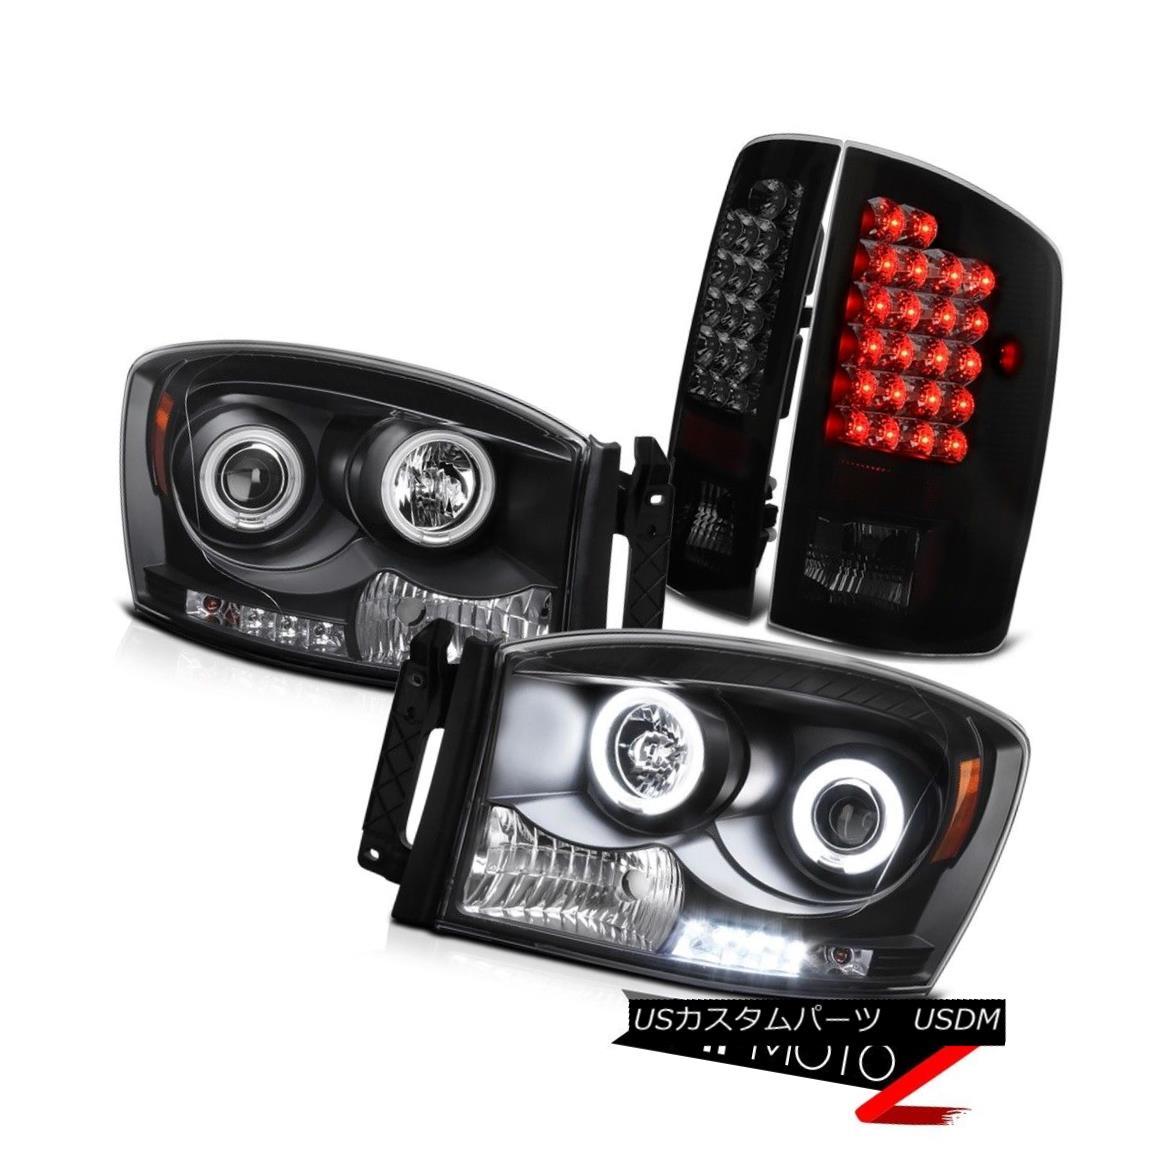 テールライト [SINISTER BLACK] 2007 2008 2009 Dodge Ram 3500 CCFL Halo Headlights+LED Taillamp [SINISTER BLACK] 2007 2008 2009 Dodge Ram 3500 CCFL Haloヘッドライト+ LEDタイルランプ